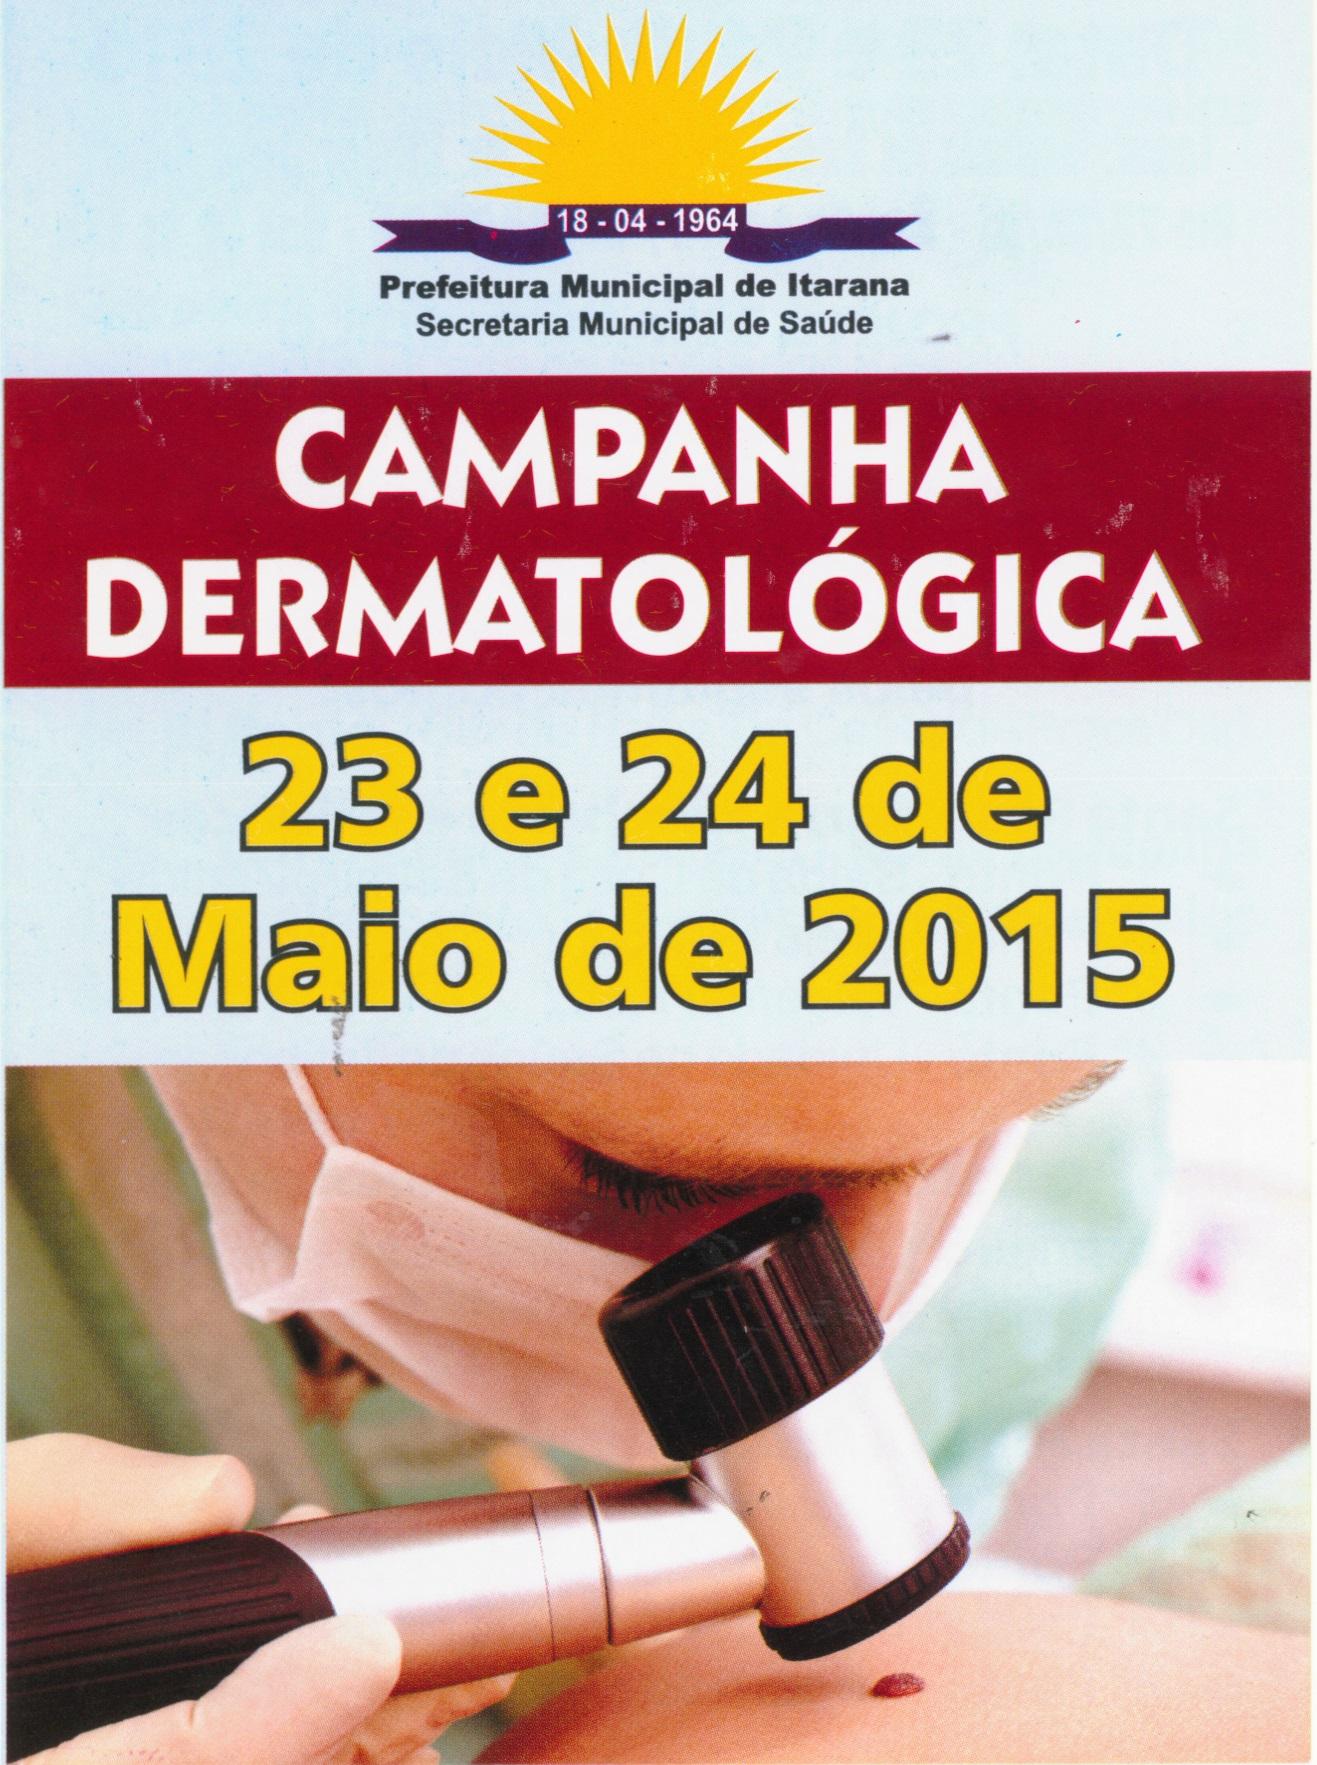 Campanha dermatológica vai avaliar sinais de câncer de pele nos dias 23 e 24 de maio